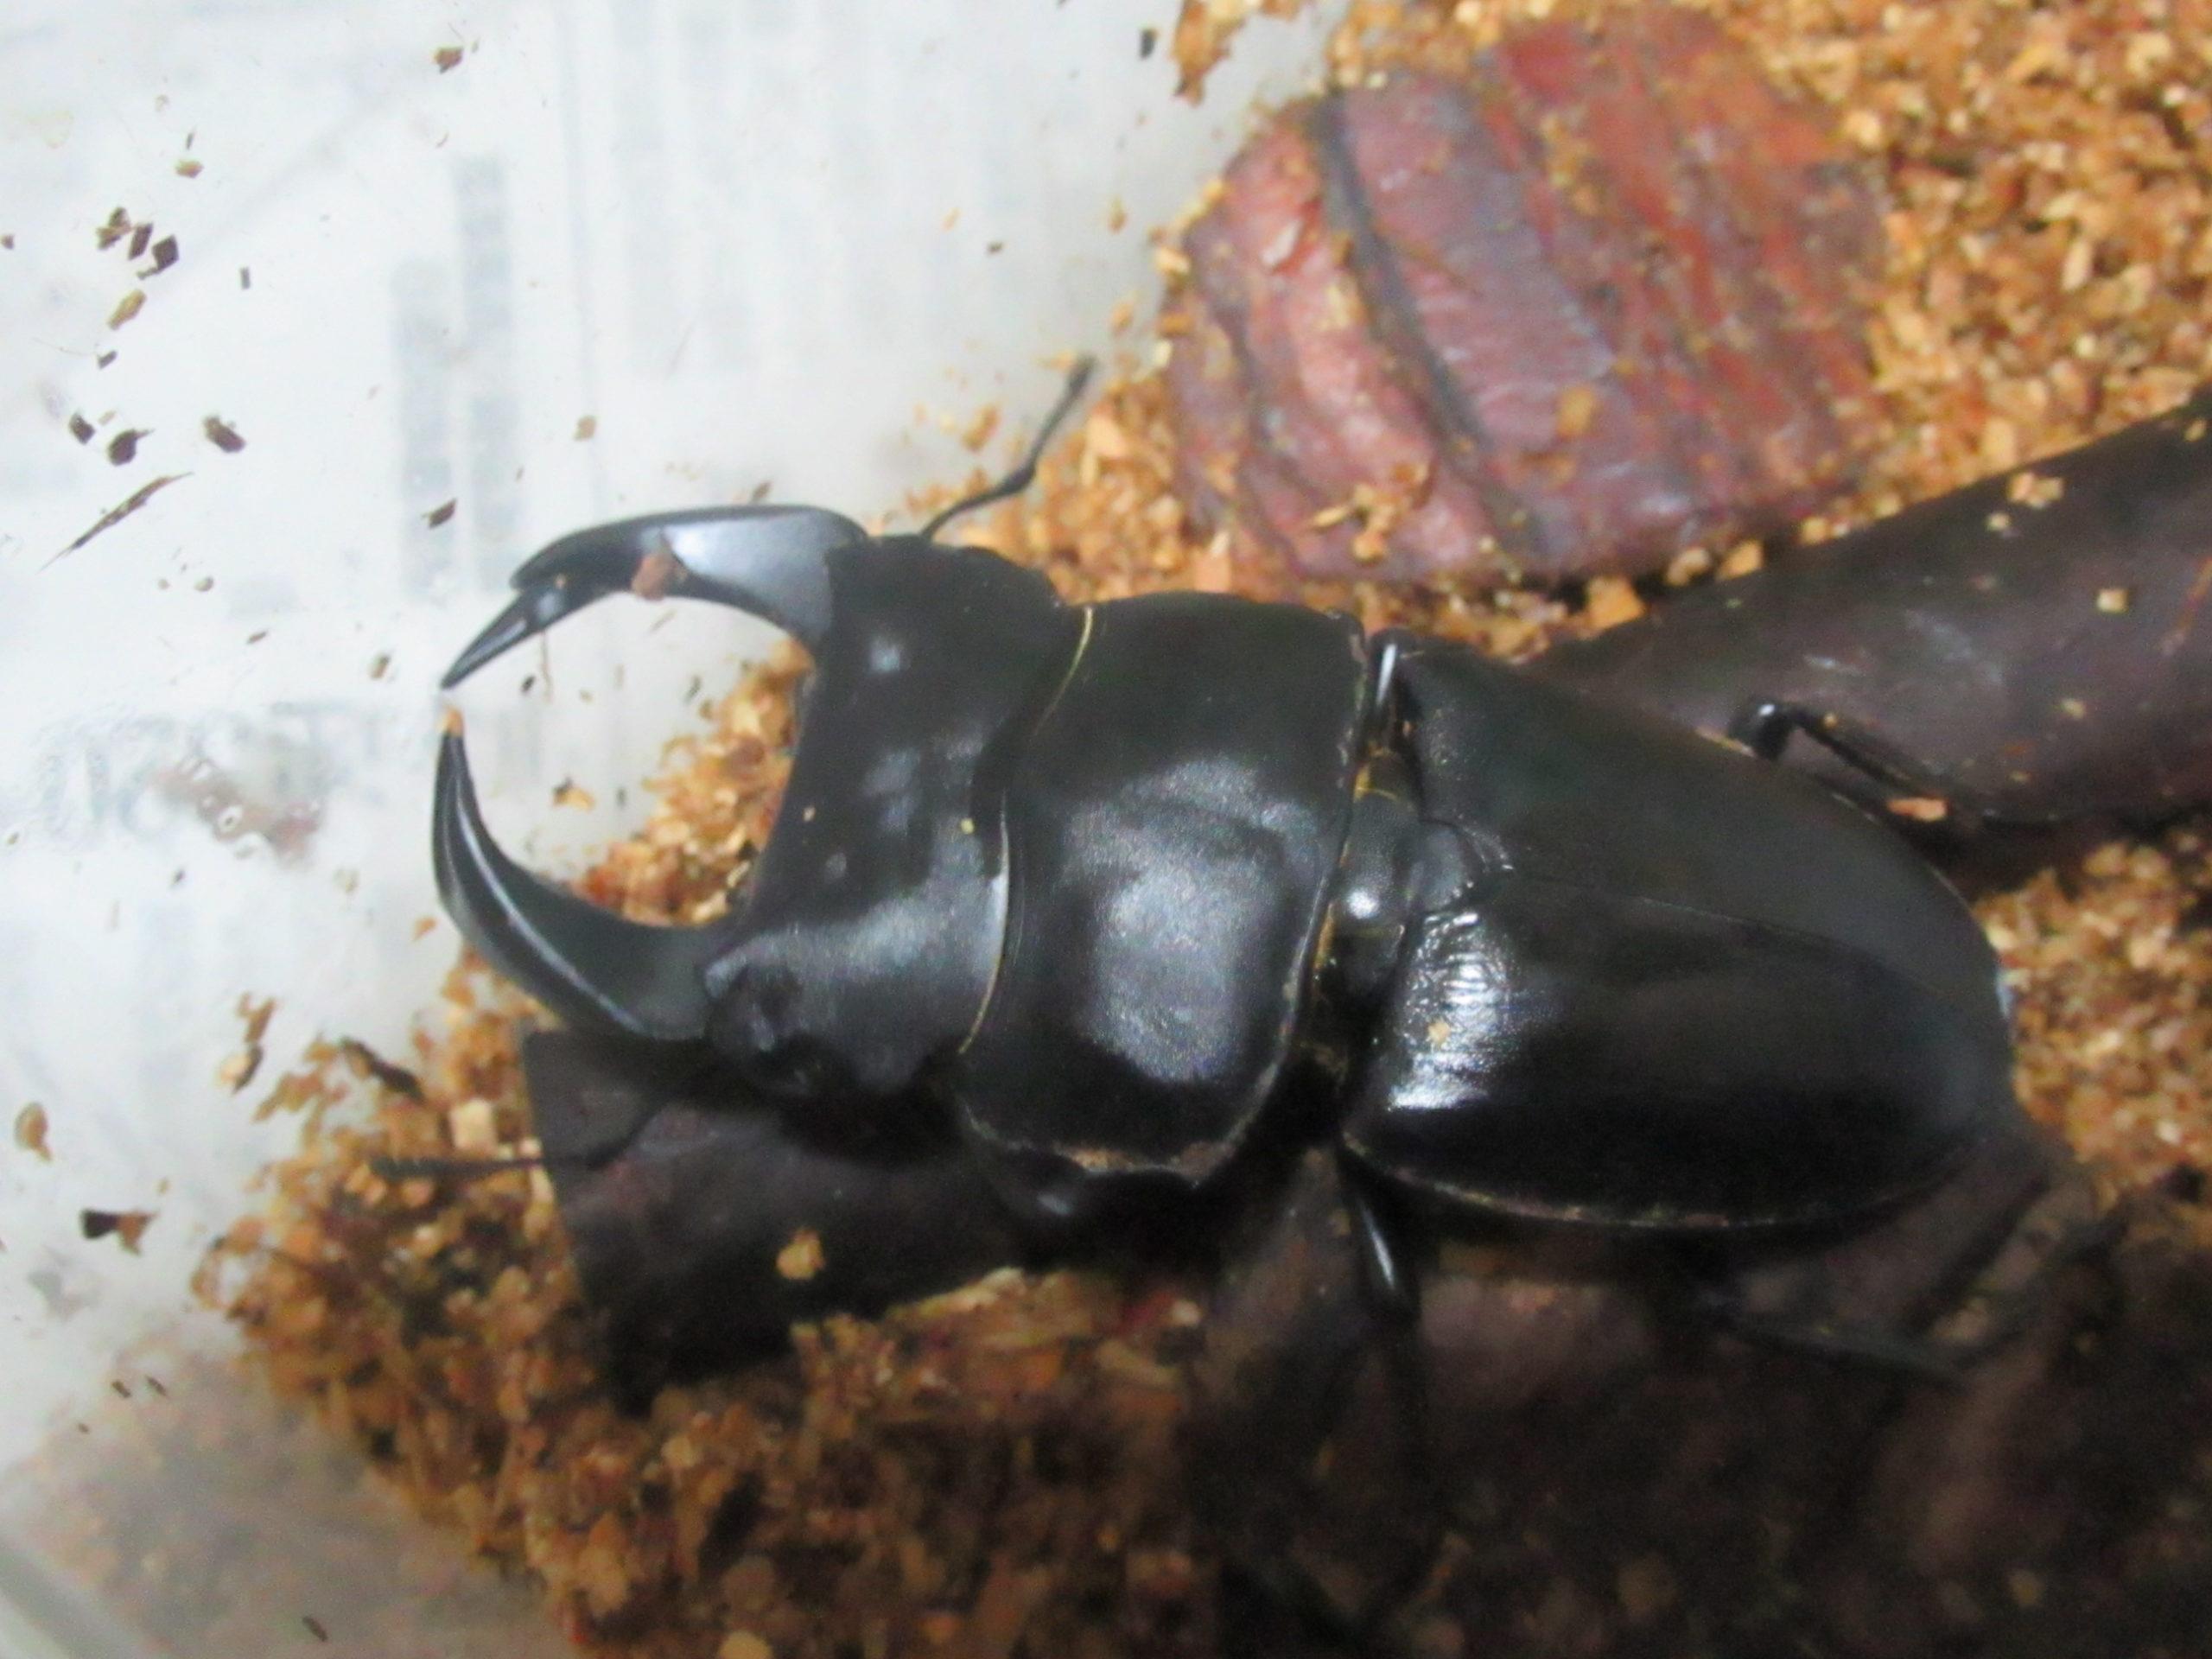 食べてばっかりの殺虫剤被害のホペイオオクワガタに回復の兆しか?!